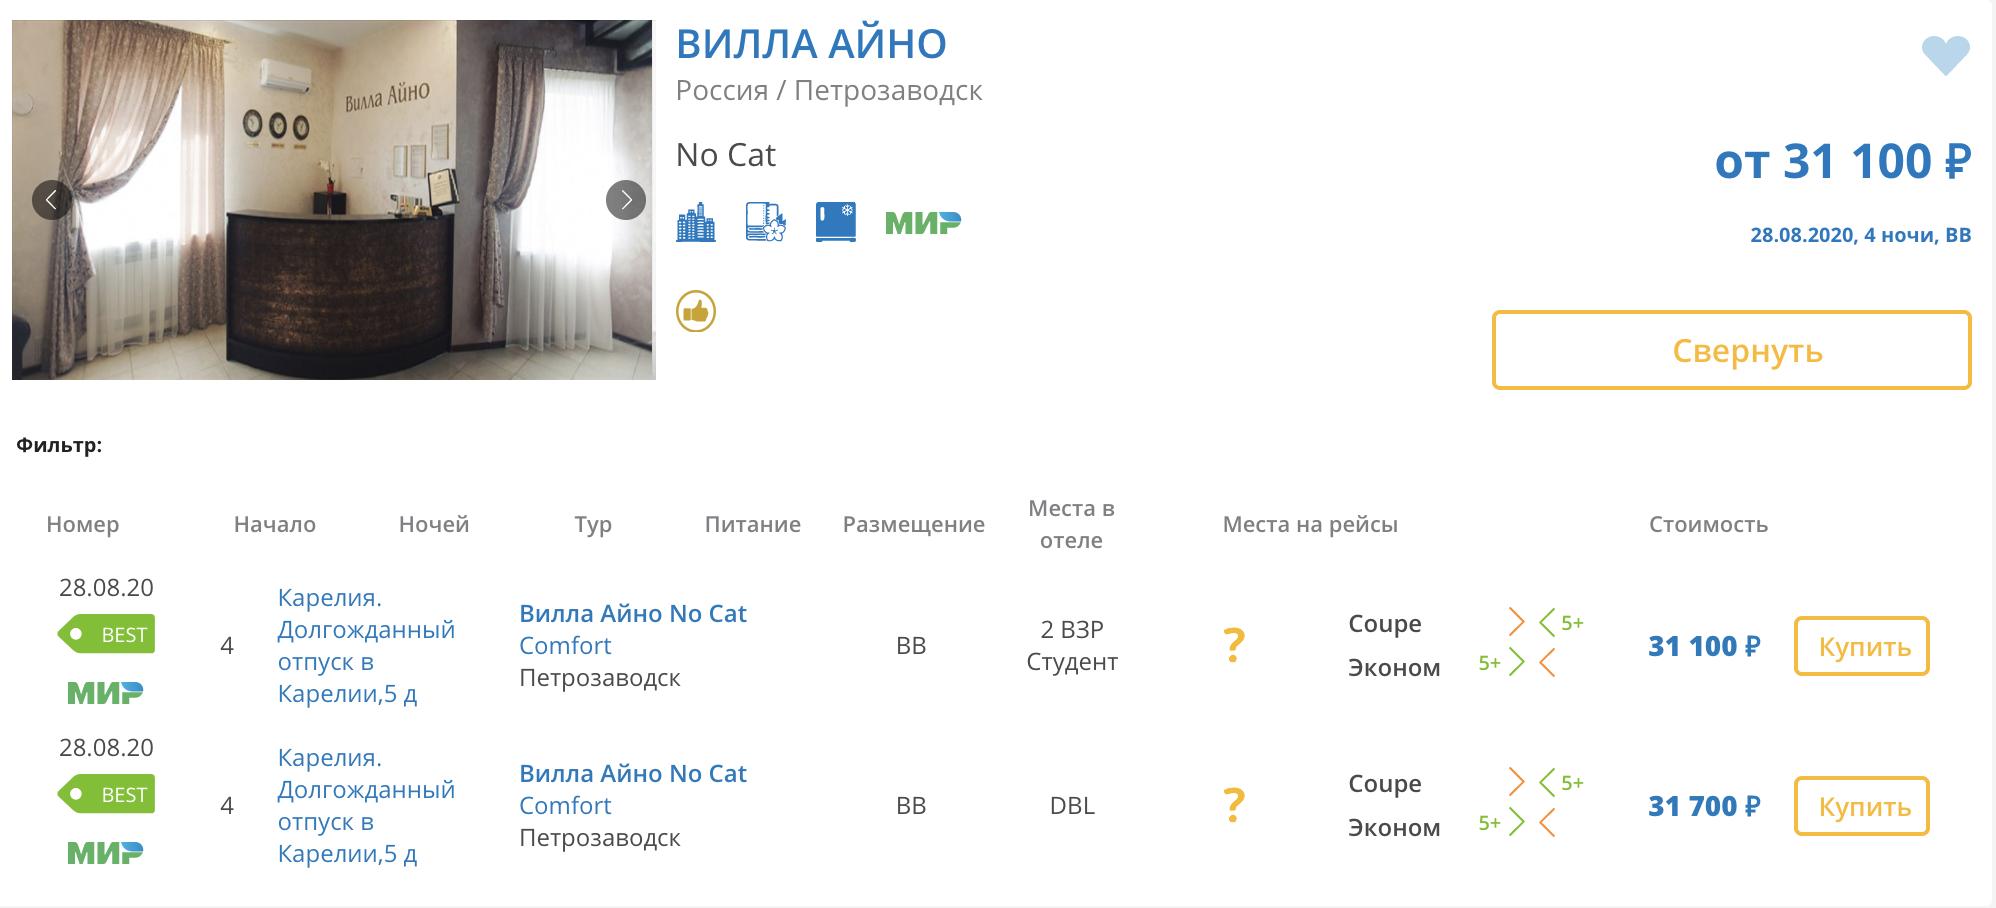 В «Интуристе» четыре ночи в Карелии на двоих стоят 31 000<span class=ruble>Р</span>, кэшбэк — 5000<span class=ruble>Р</span>. В путевку входит проезд на автобусе из Петербурга в Петрозаводск, проживание, завтраки, экскурсии, билеты в заповедник «Кивач» и посещение других достопримечательностей. Туристам придется еще купить билеты на поезд из Петрозаводска в Москву или Петербург